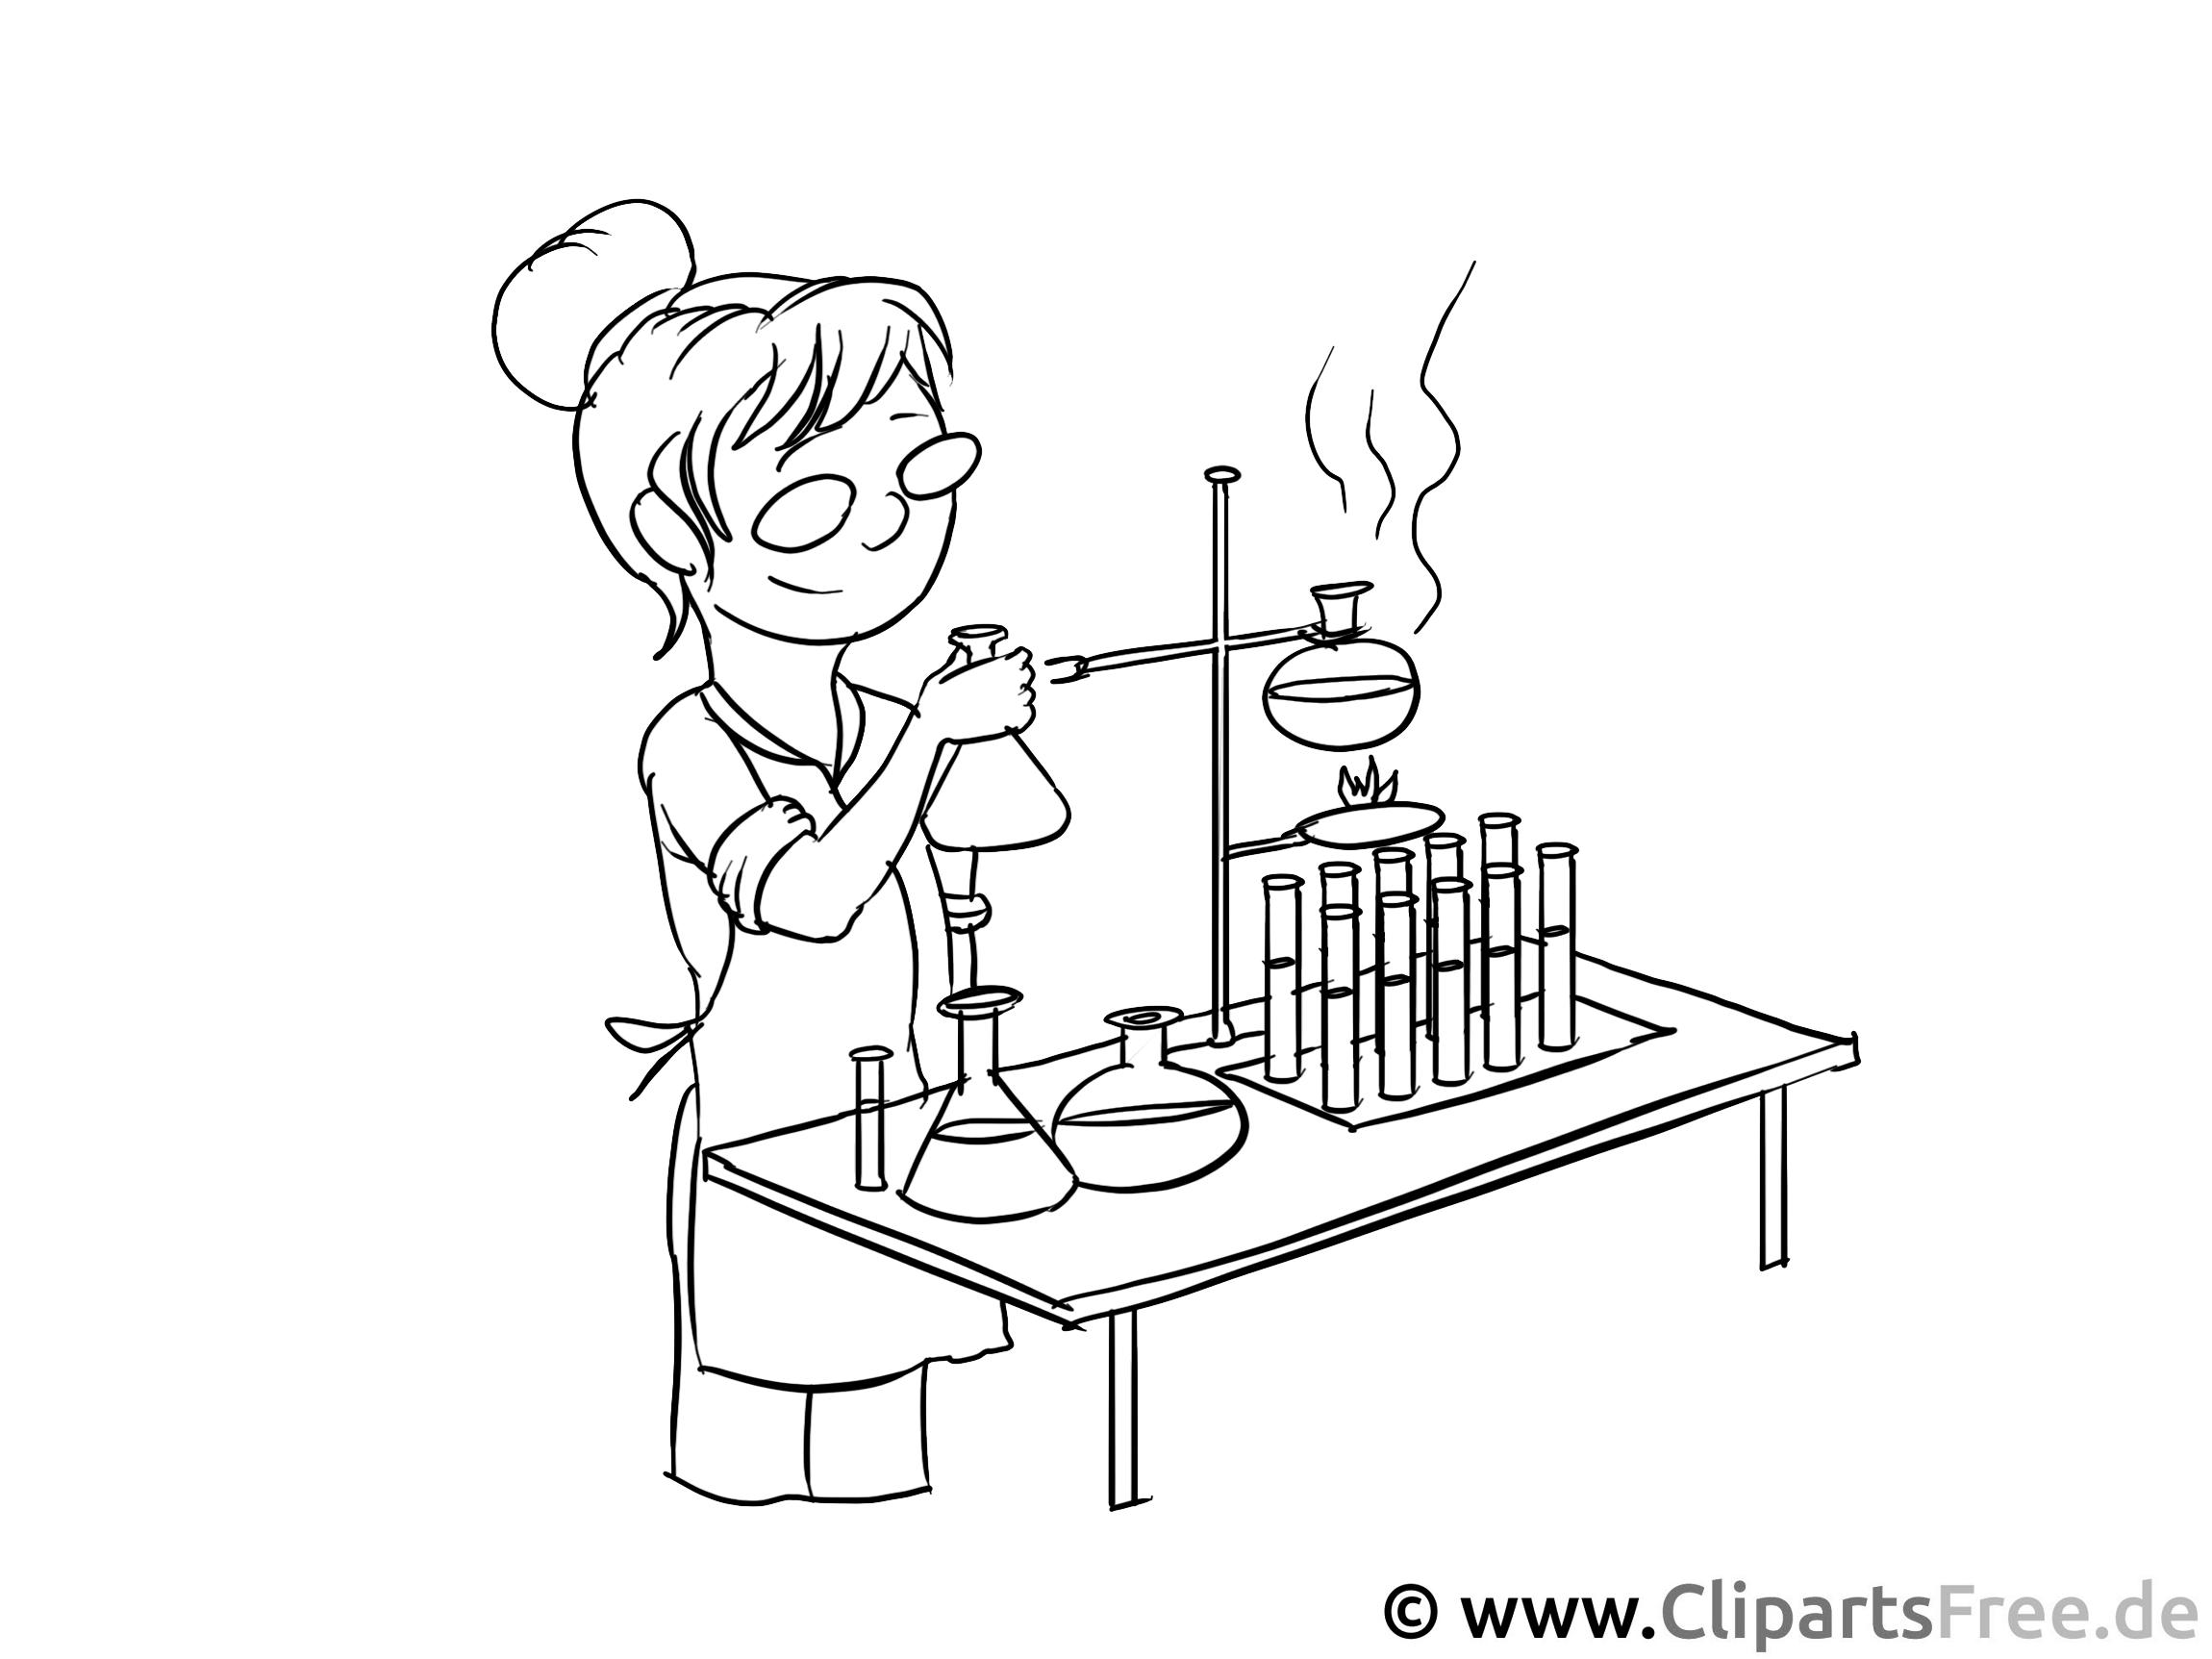 Laborantin - gratis Ausmalbilder zum Ausdrucken